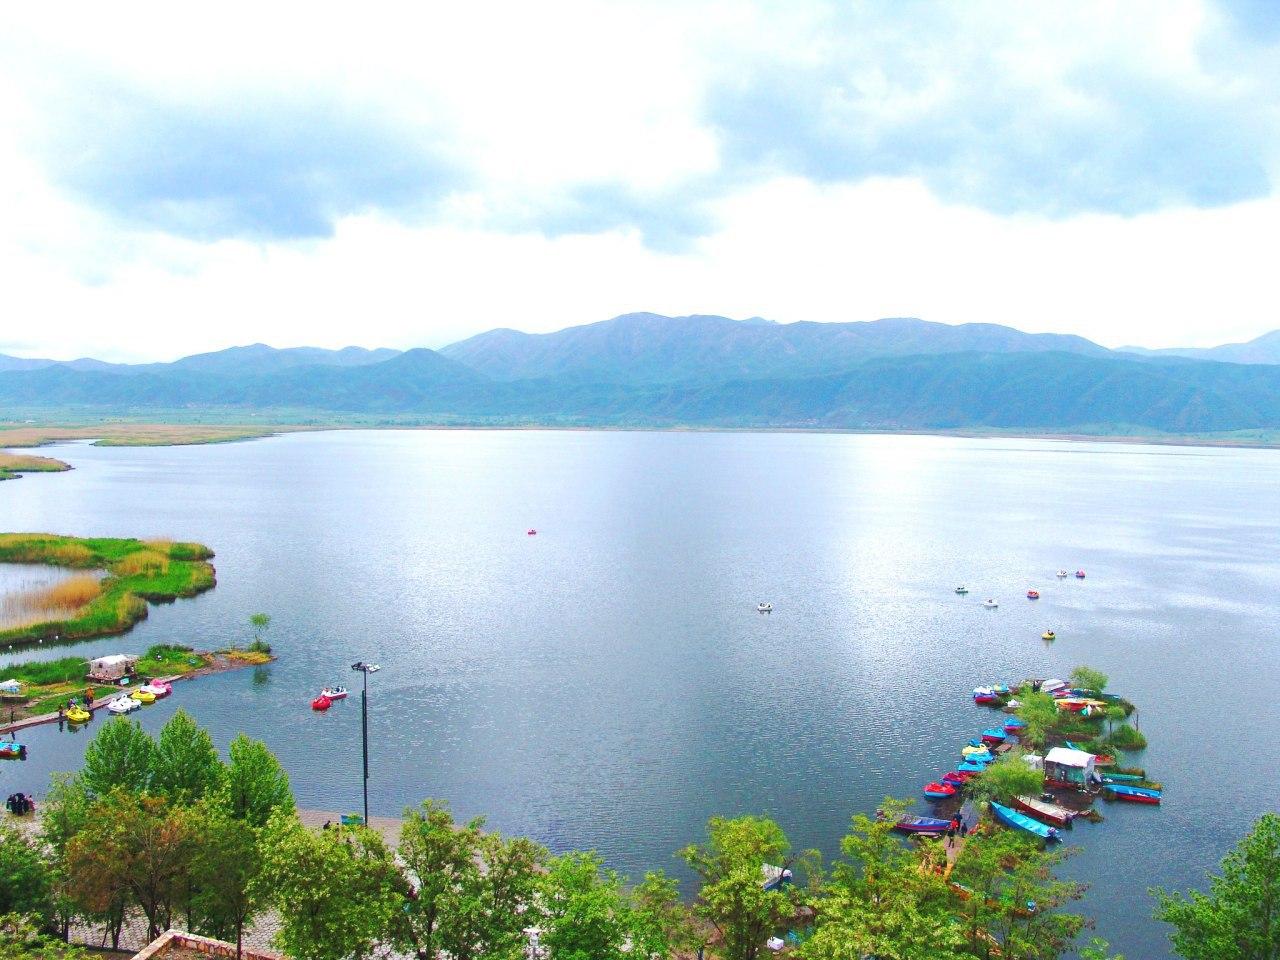 دریاچه زریوار ،جاذبه های گردشگری استان کردستان